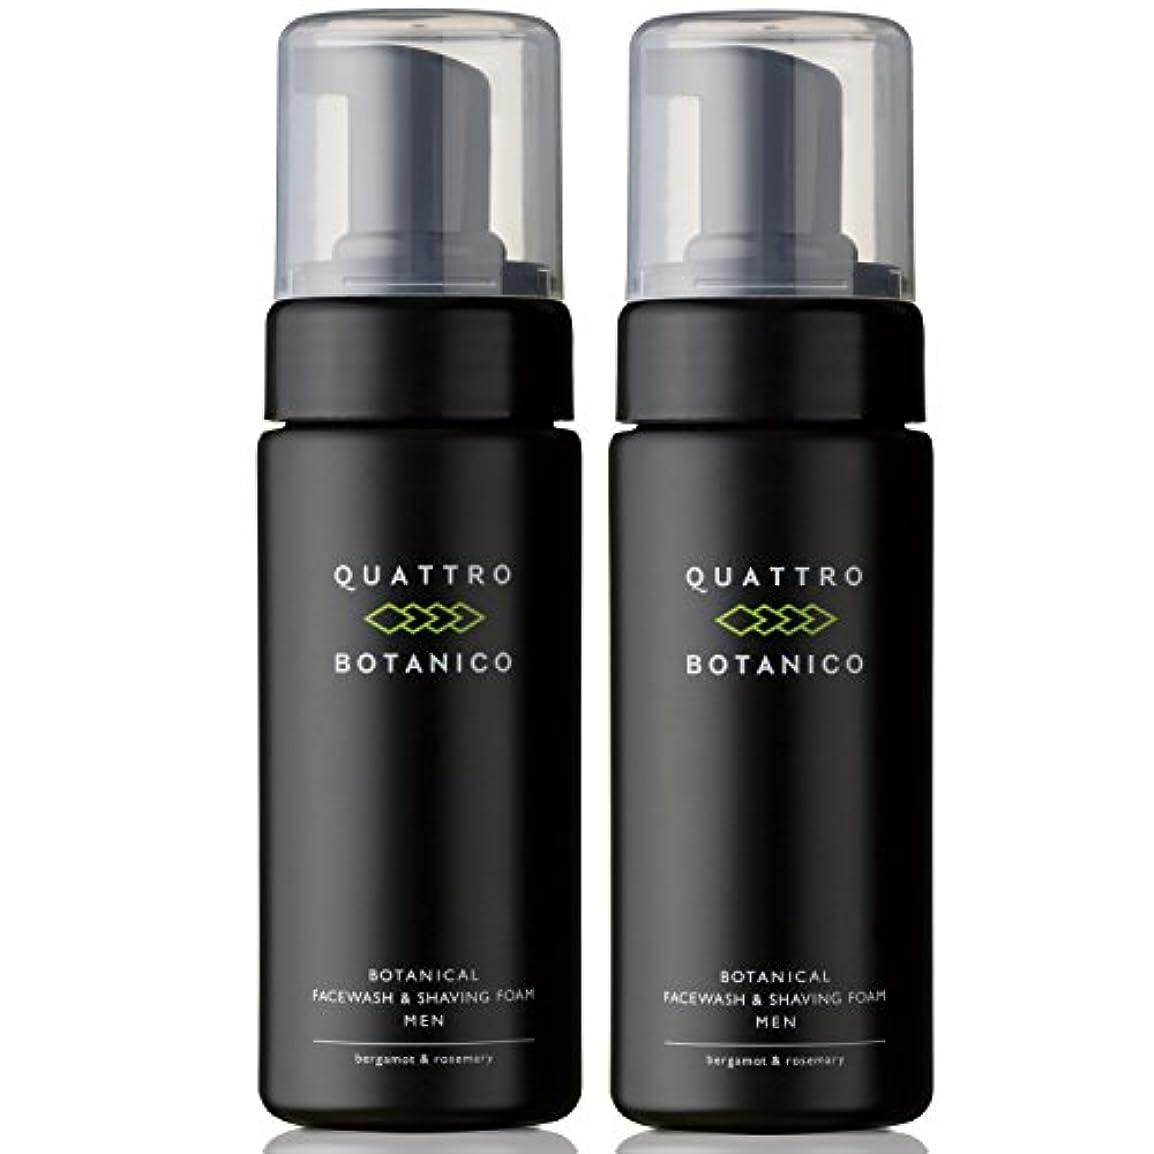 神話ところで機構クワトロボタニコ (QUATTRO BOTANICO) 【 メンズ 洗顔 】 ボタニカル フェイスウォッシュ & シェービング フォーム 泡タイプ 150mL × 2本 男性用